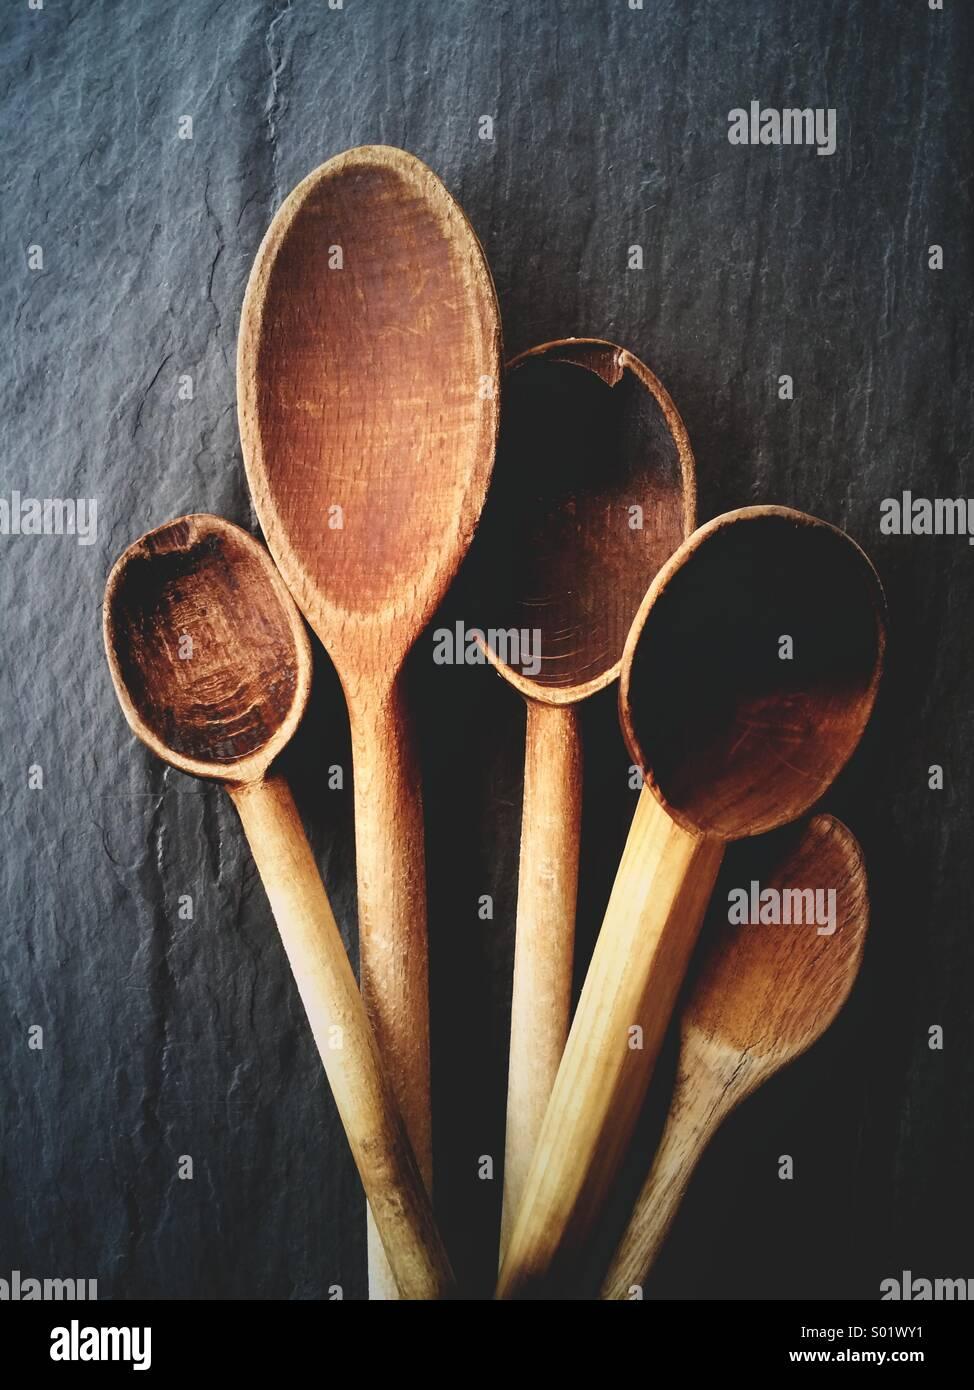 Hermosa y antigua cucharas de madera para cocinar sobre un fondo de pizarra. Imagen De Stock